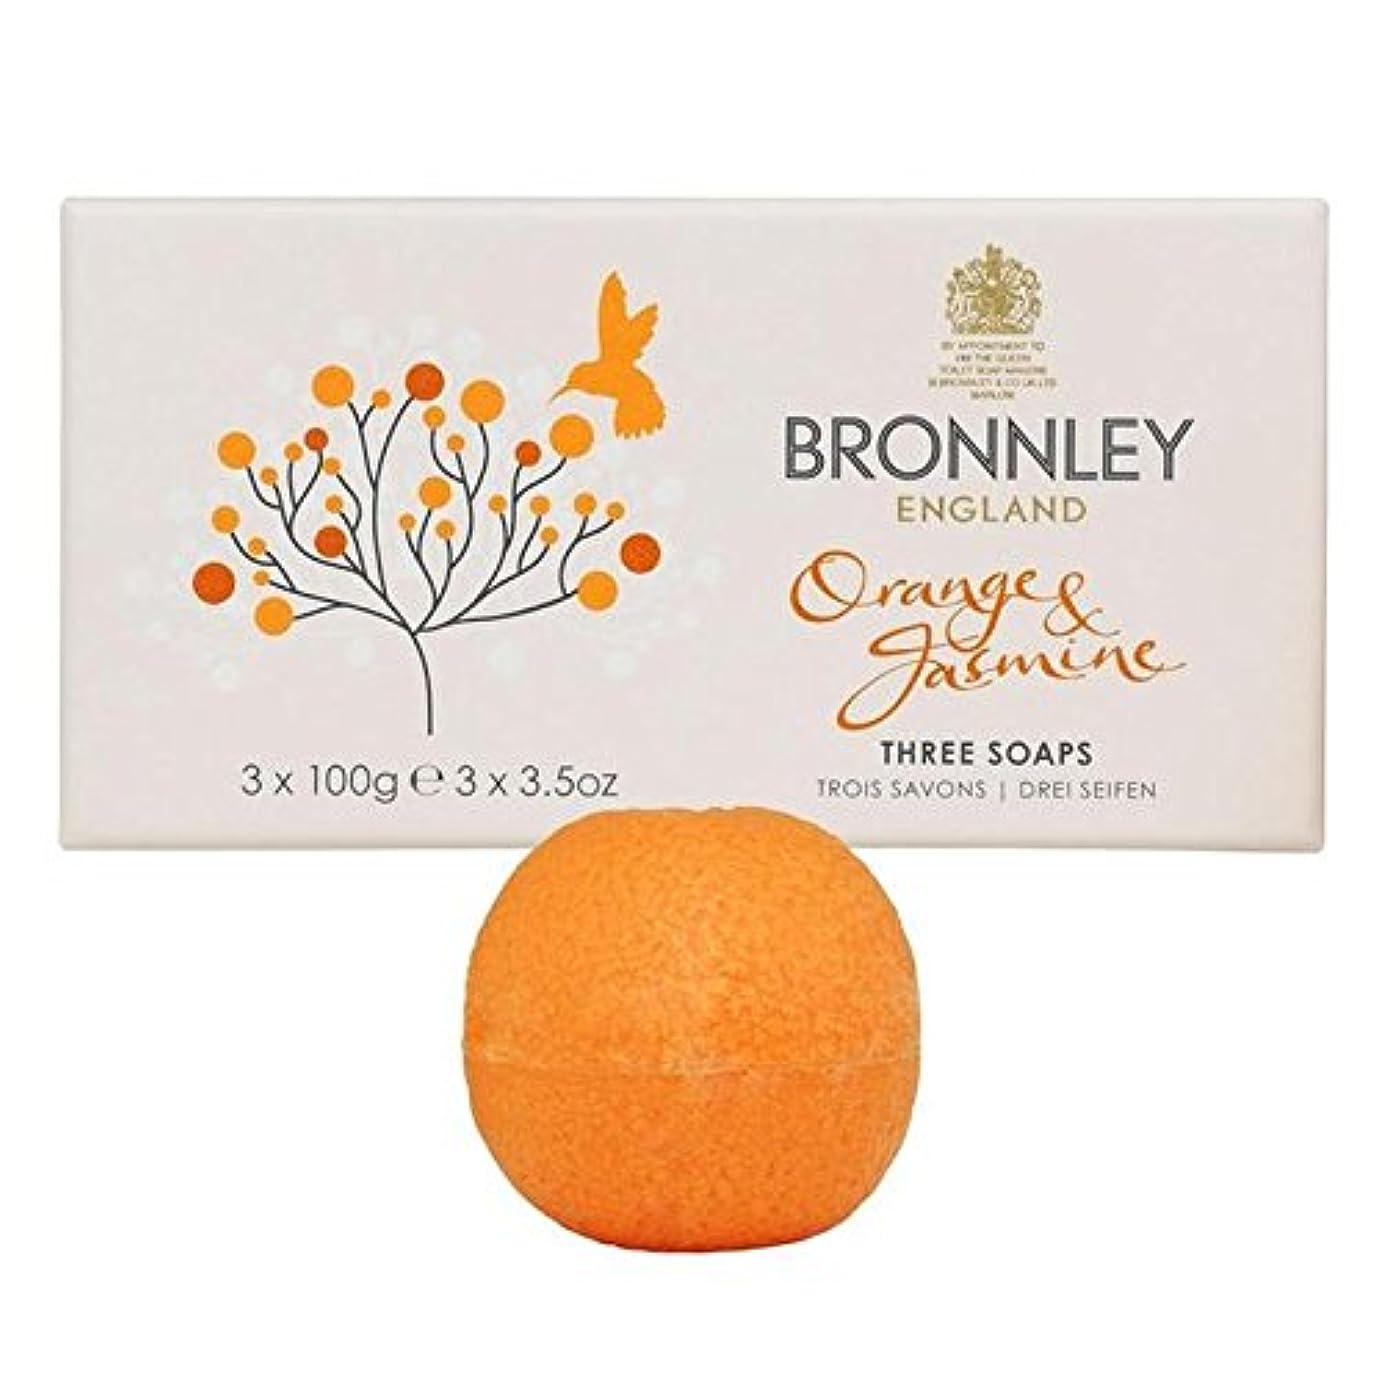 経験者自慢溶接オレンジ&ジャスミン石鹸3×100グラム x2 - Bronnley Orange & Jasmine Soaps 3 x 100g (Pack of 2) [並行輸入品]